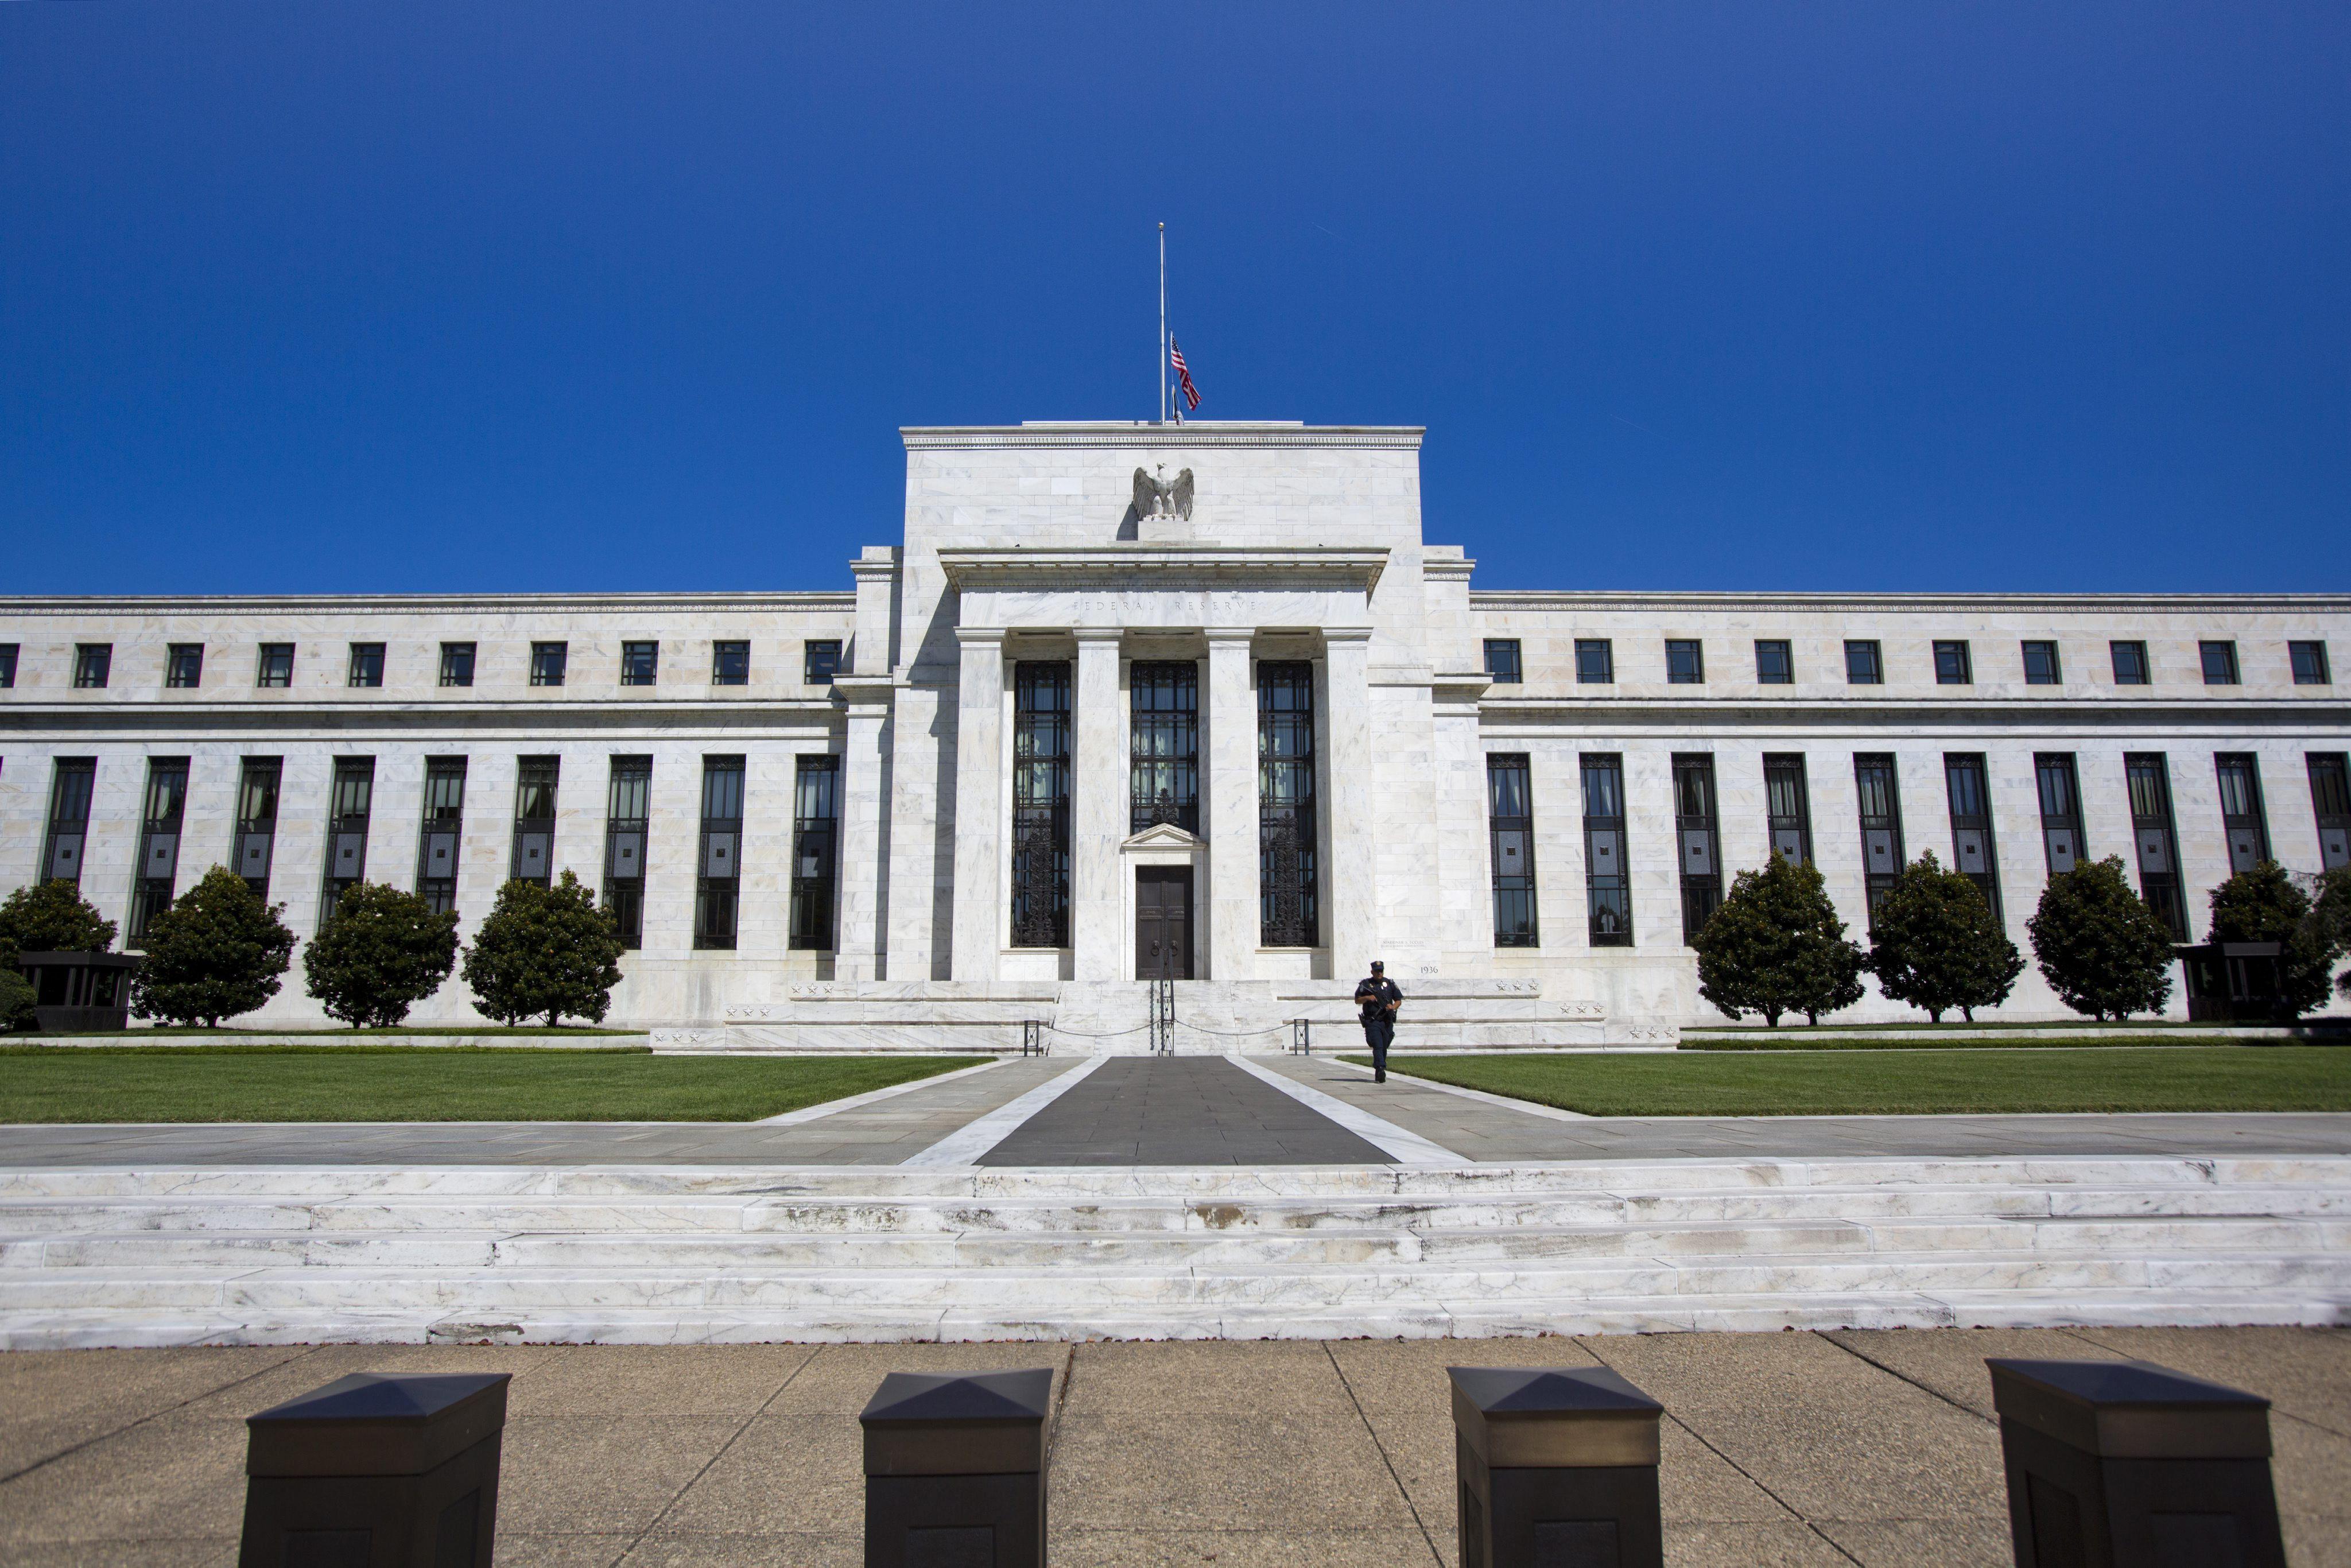 La Reserva Federal de EE.UU. mantiene su programa de compras de activos